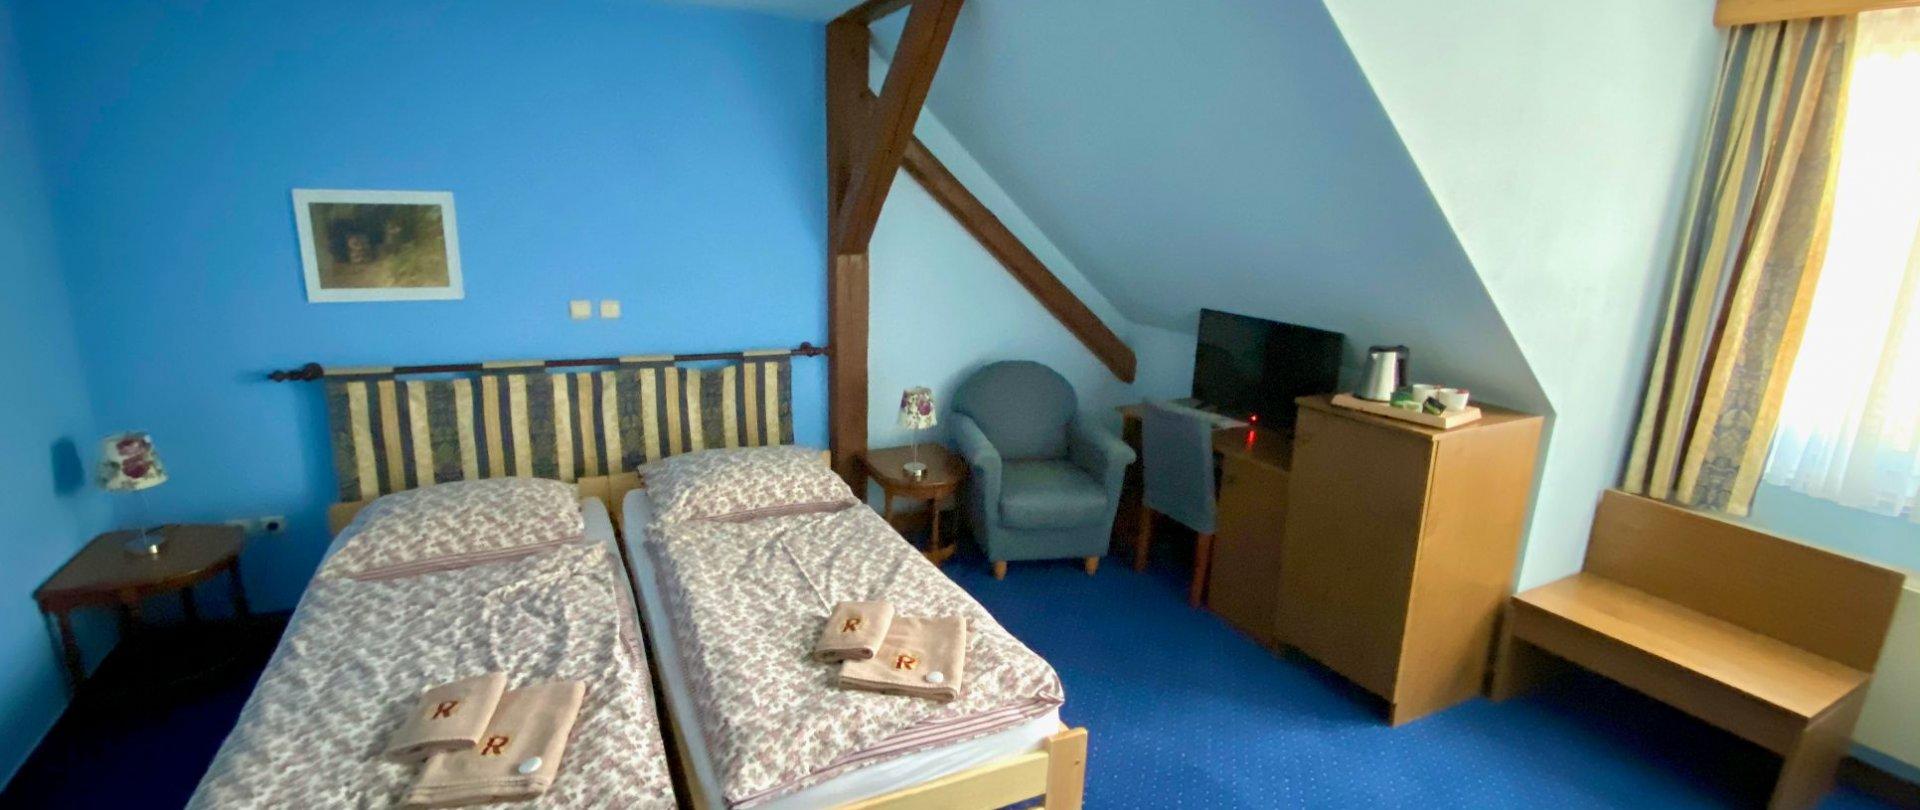 Dvoulůžkový pokoj s oddělenými postelemi a koupelnou